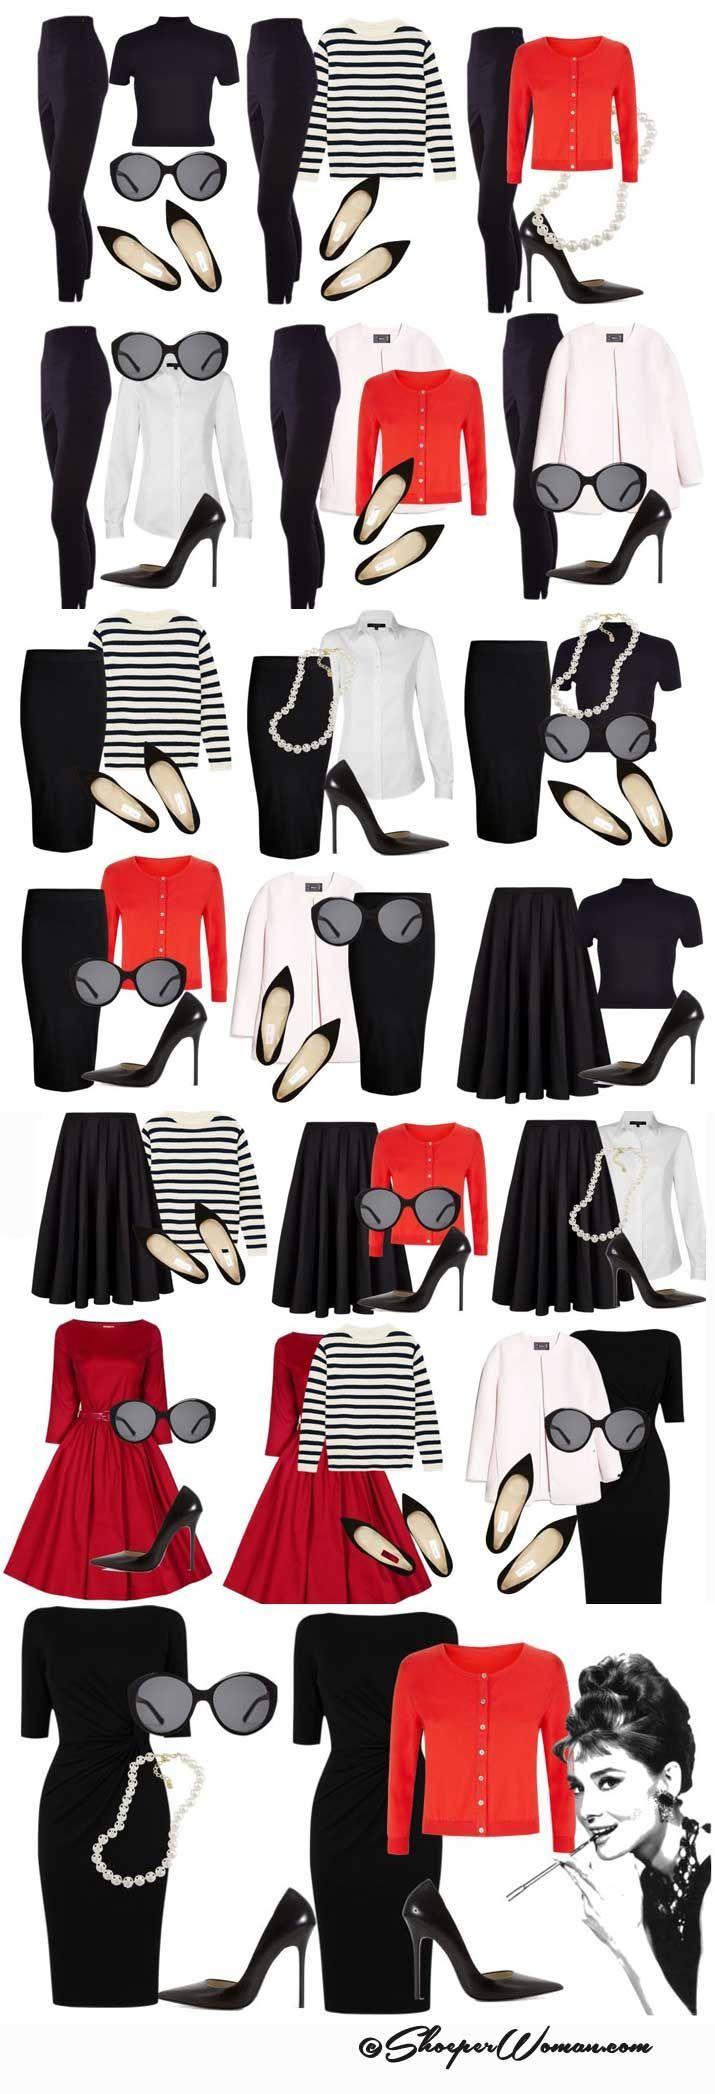 - streifenshirt/-longsleeve - schwarzer bleistiftrock - schwarzer schwingender rock - schwarze ballerinas - *weiße bluse - rotes kleid